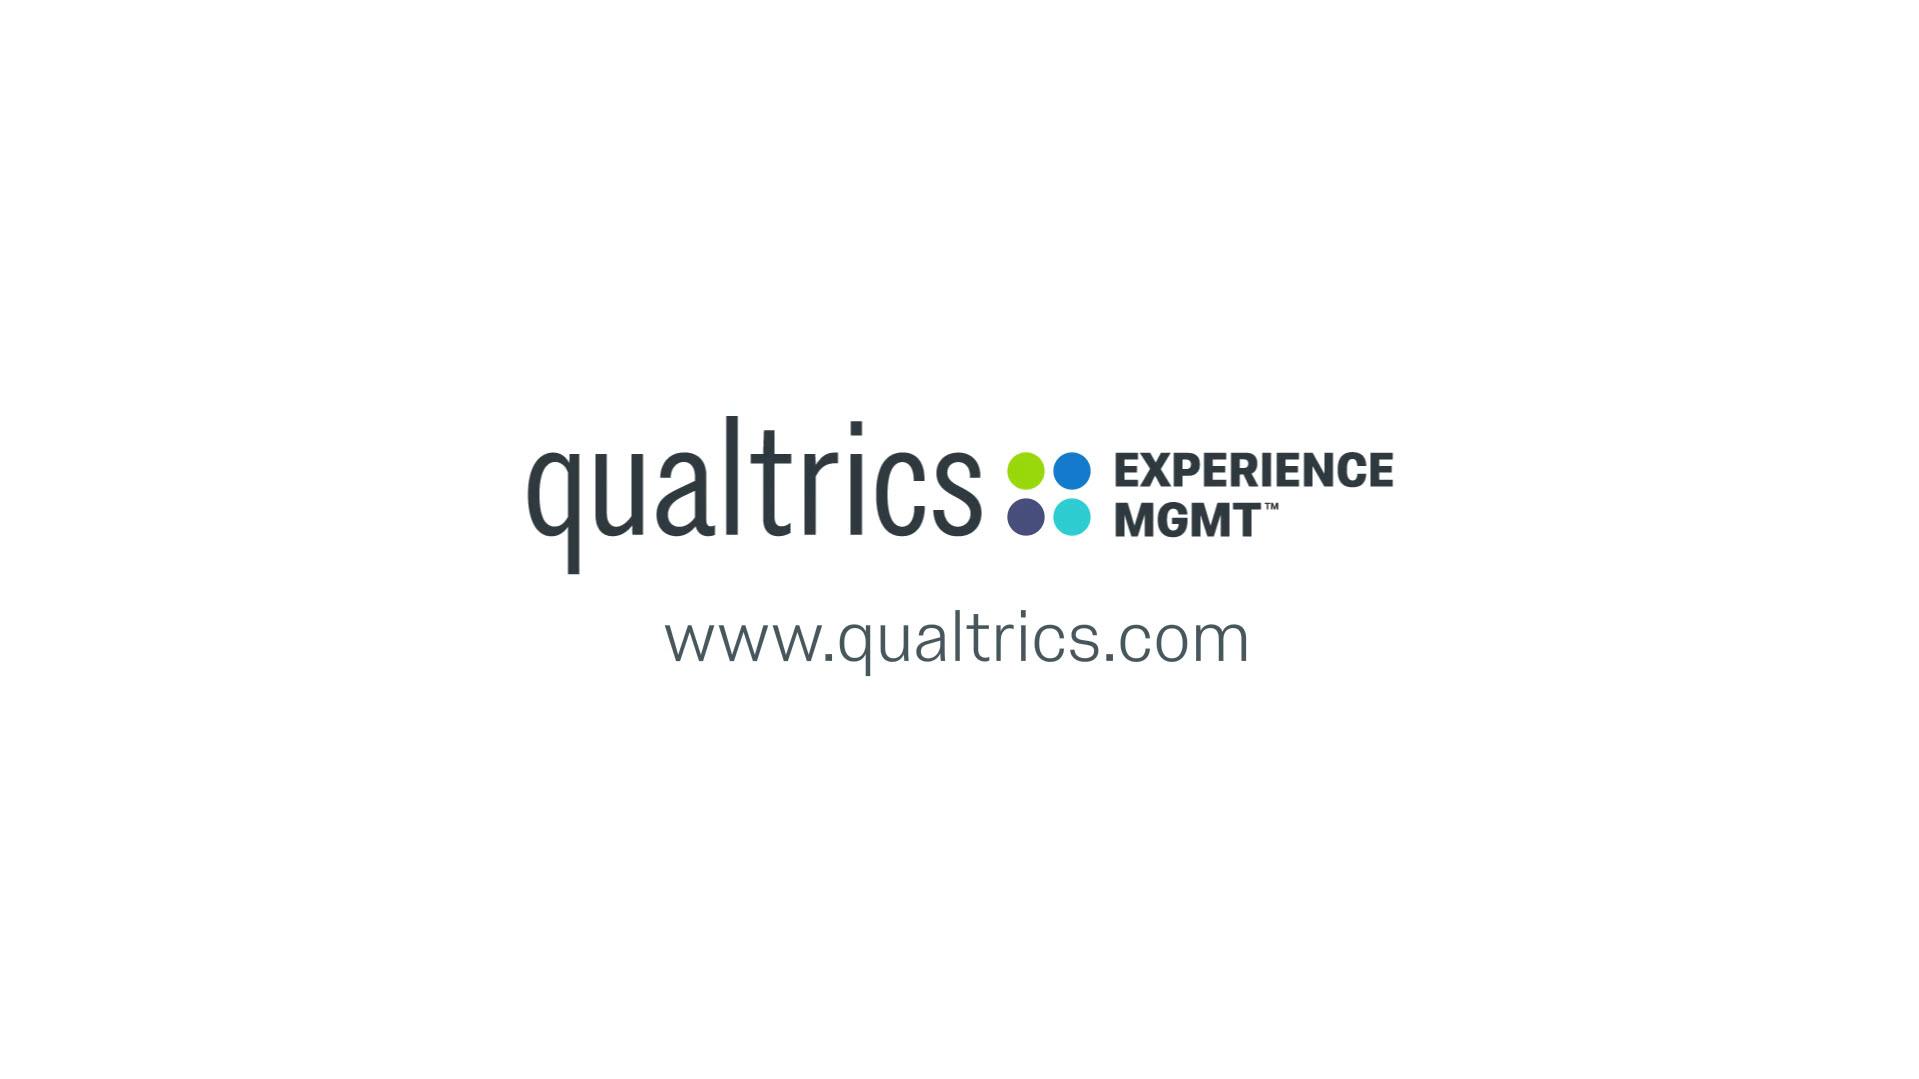 Qualtrics CoreXM